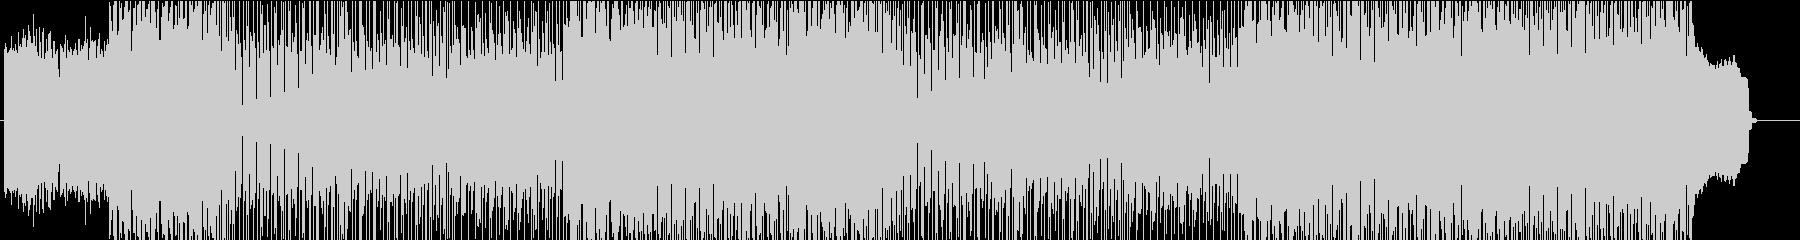 アップリフティングなポップロックの未再生の波形